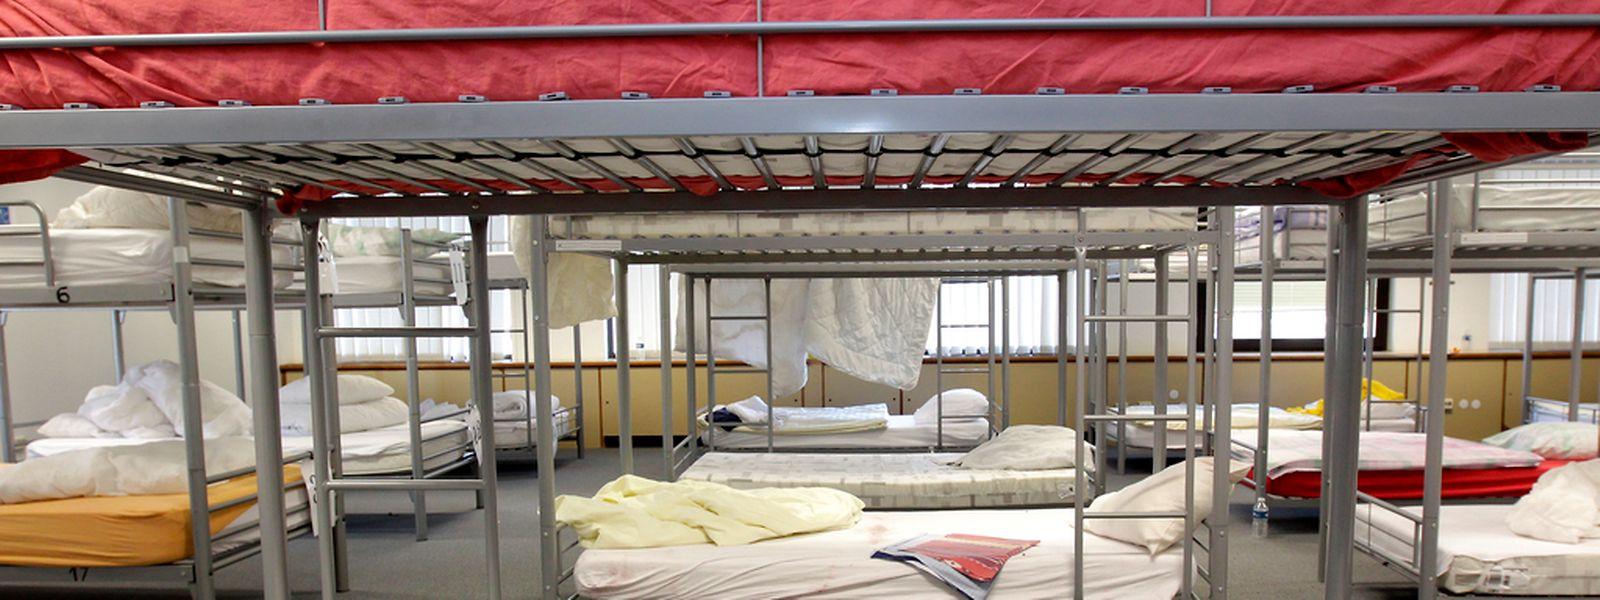 160 Betten plus drei Familienzimmer stehen in der Winteraktion in Findel bereit.